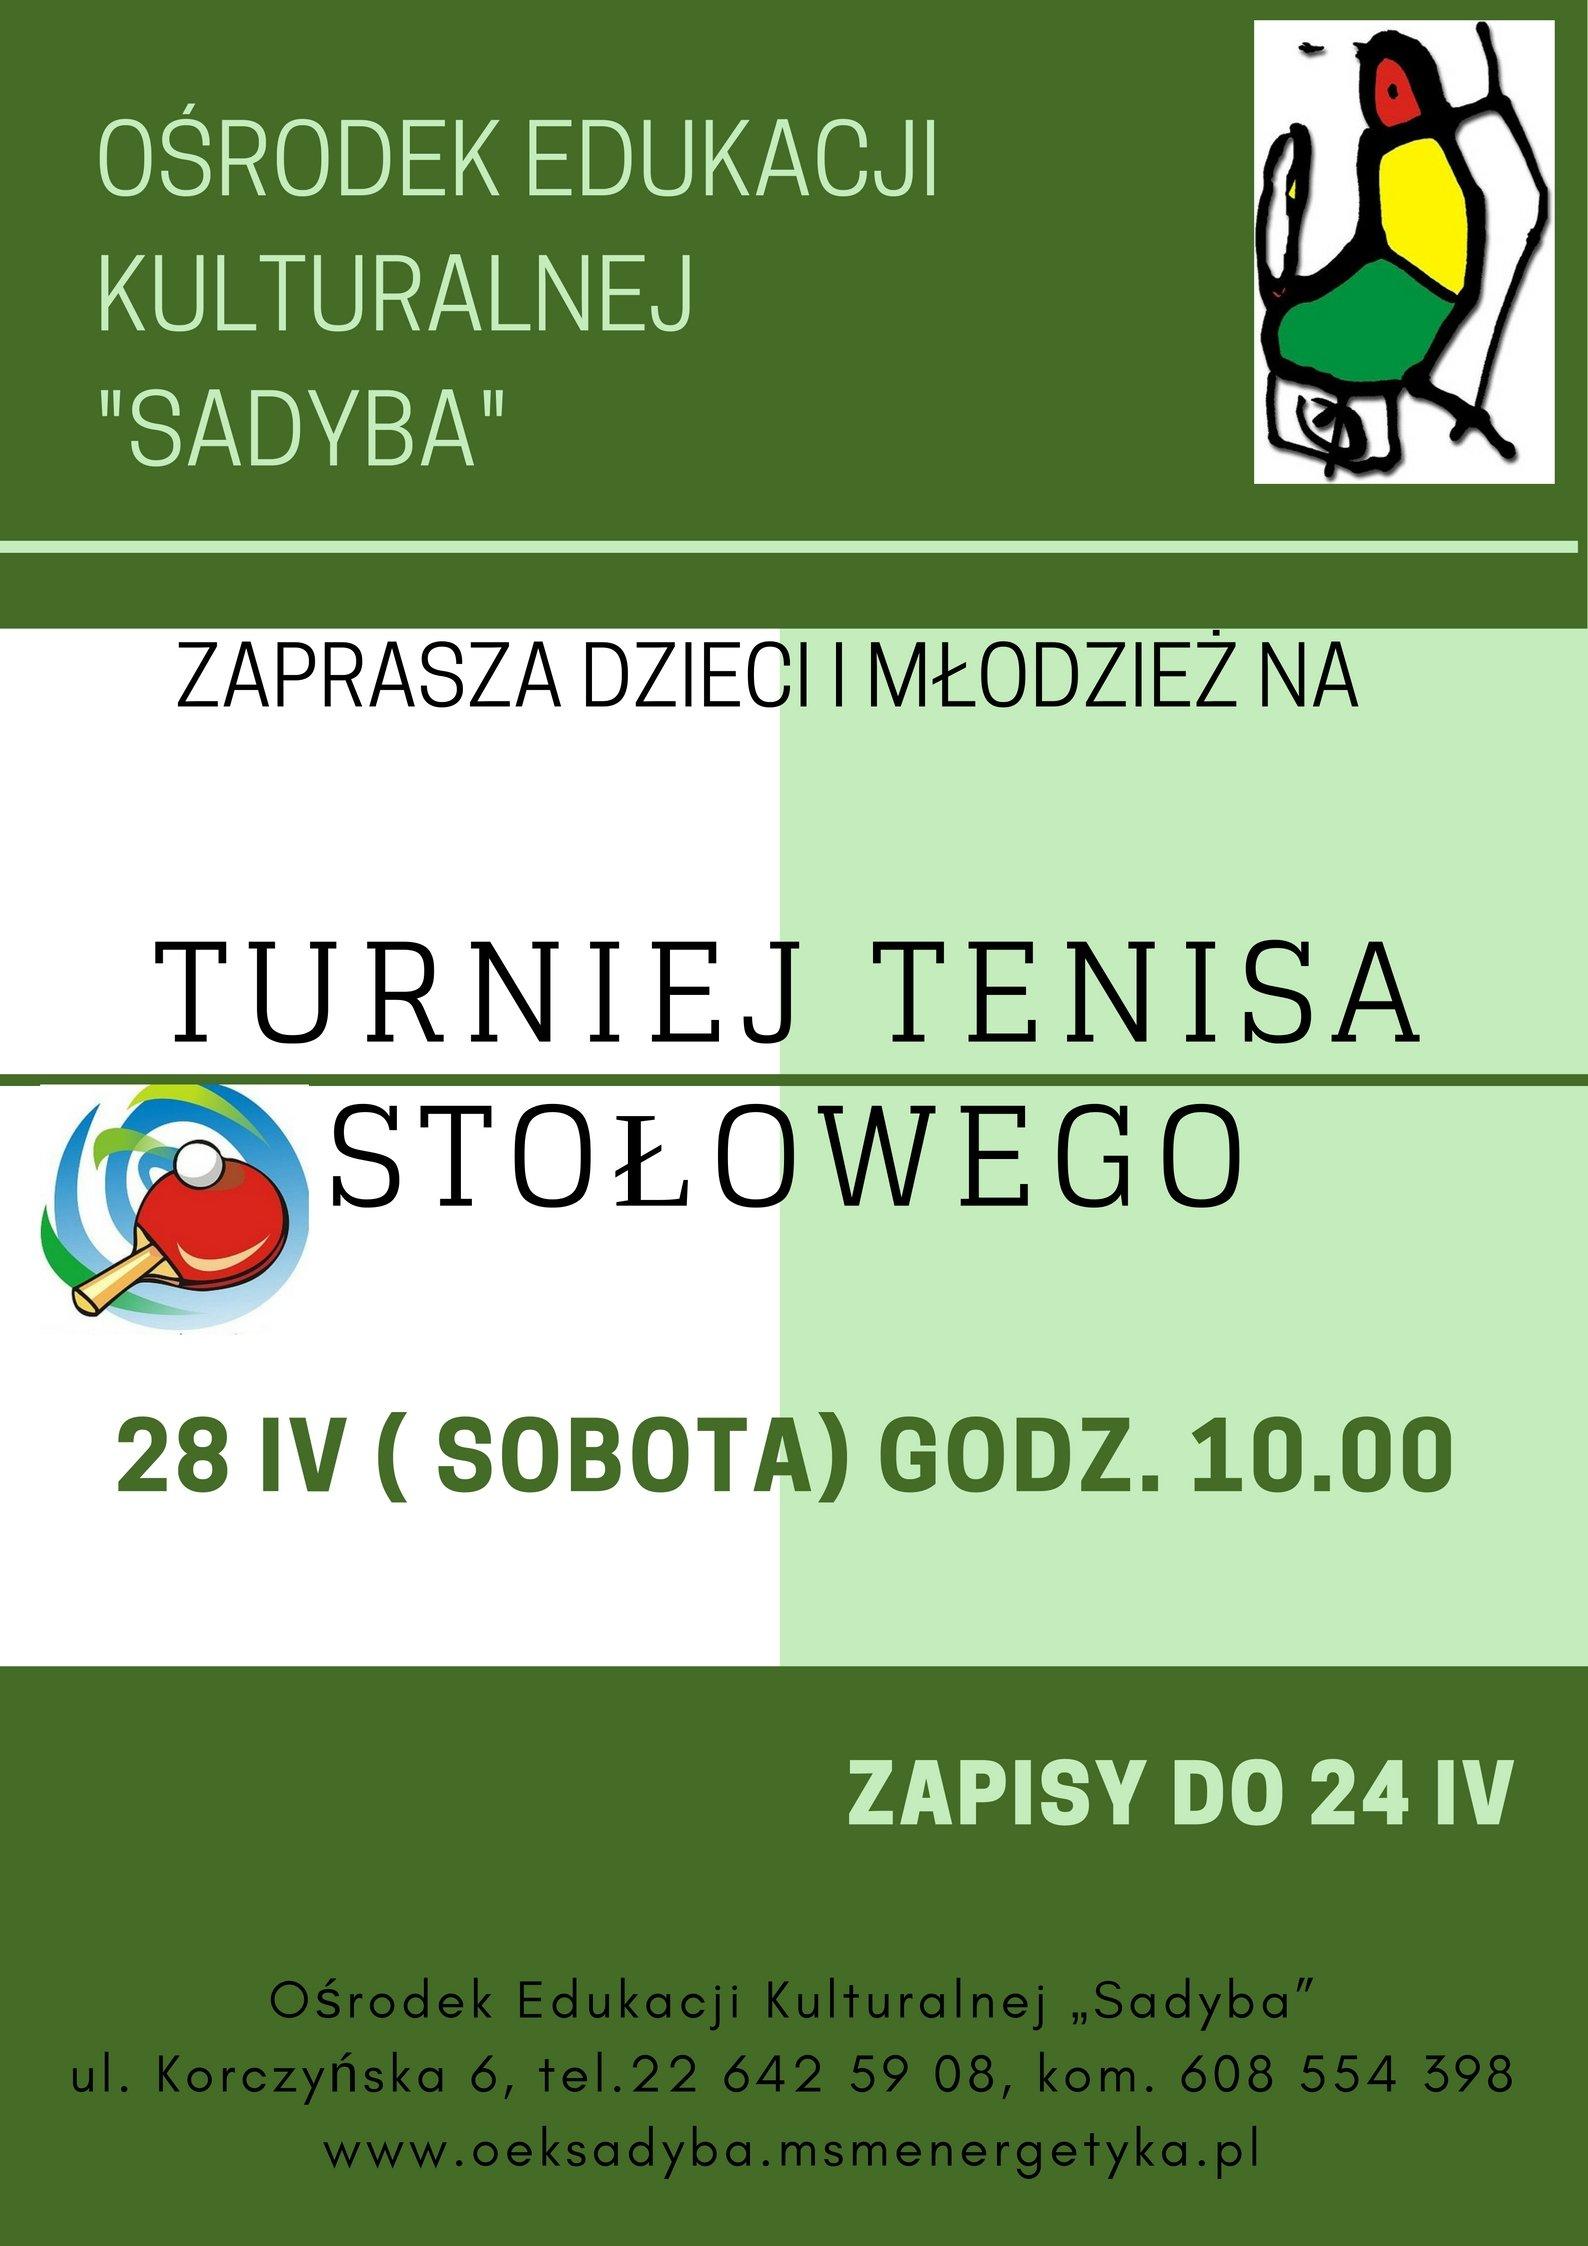 Turniej tenisa stołowego dla dzieci i młodzieży w Warszawie